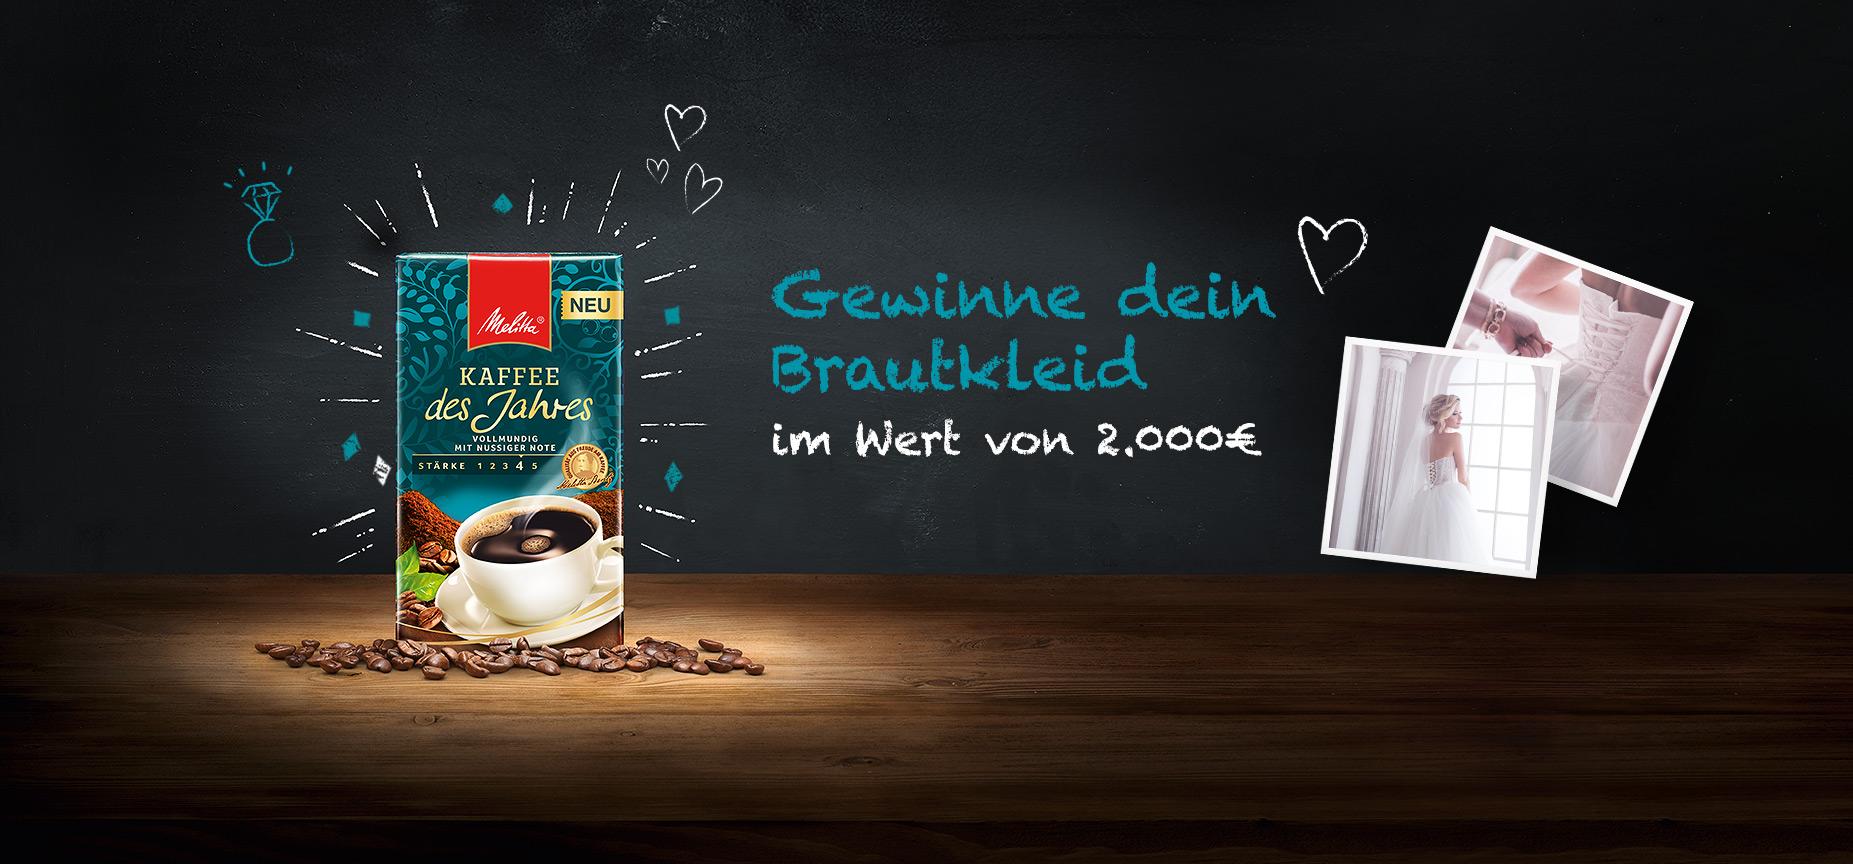 Kaffee des Jahres 2016